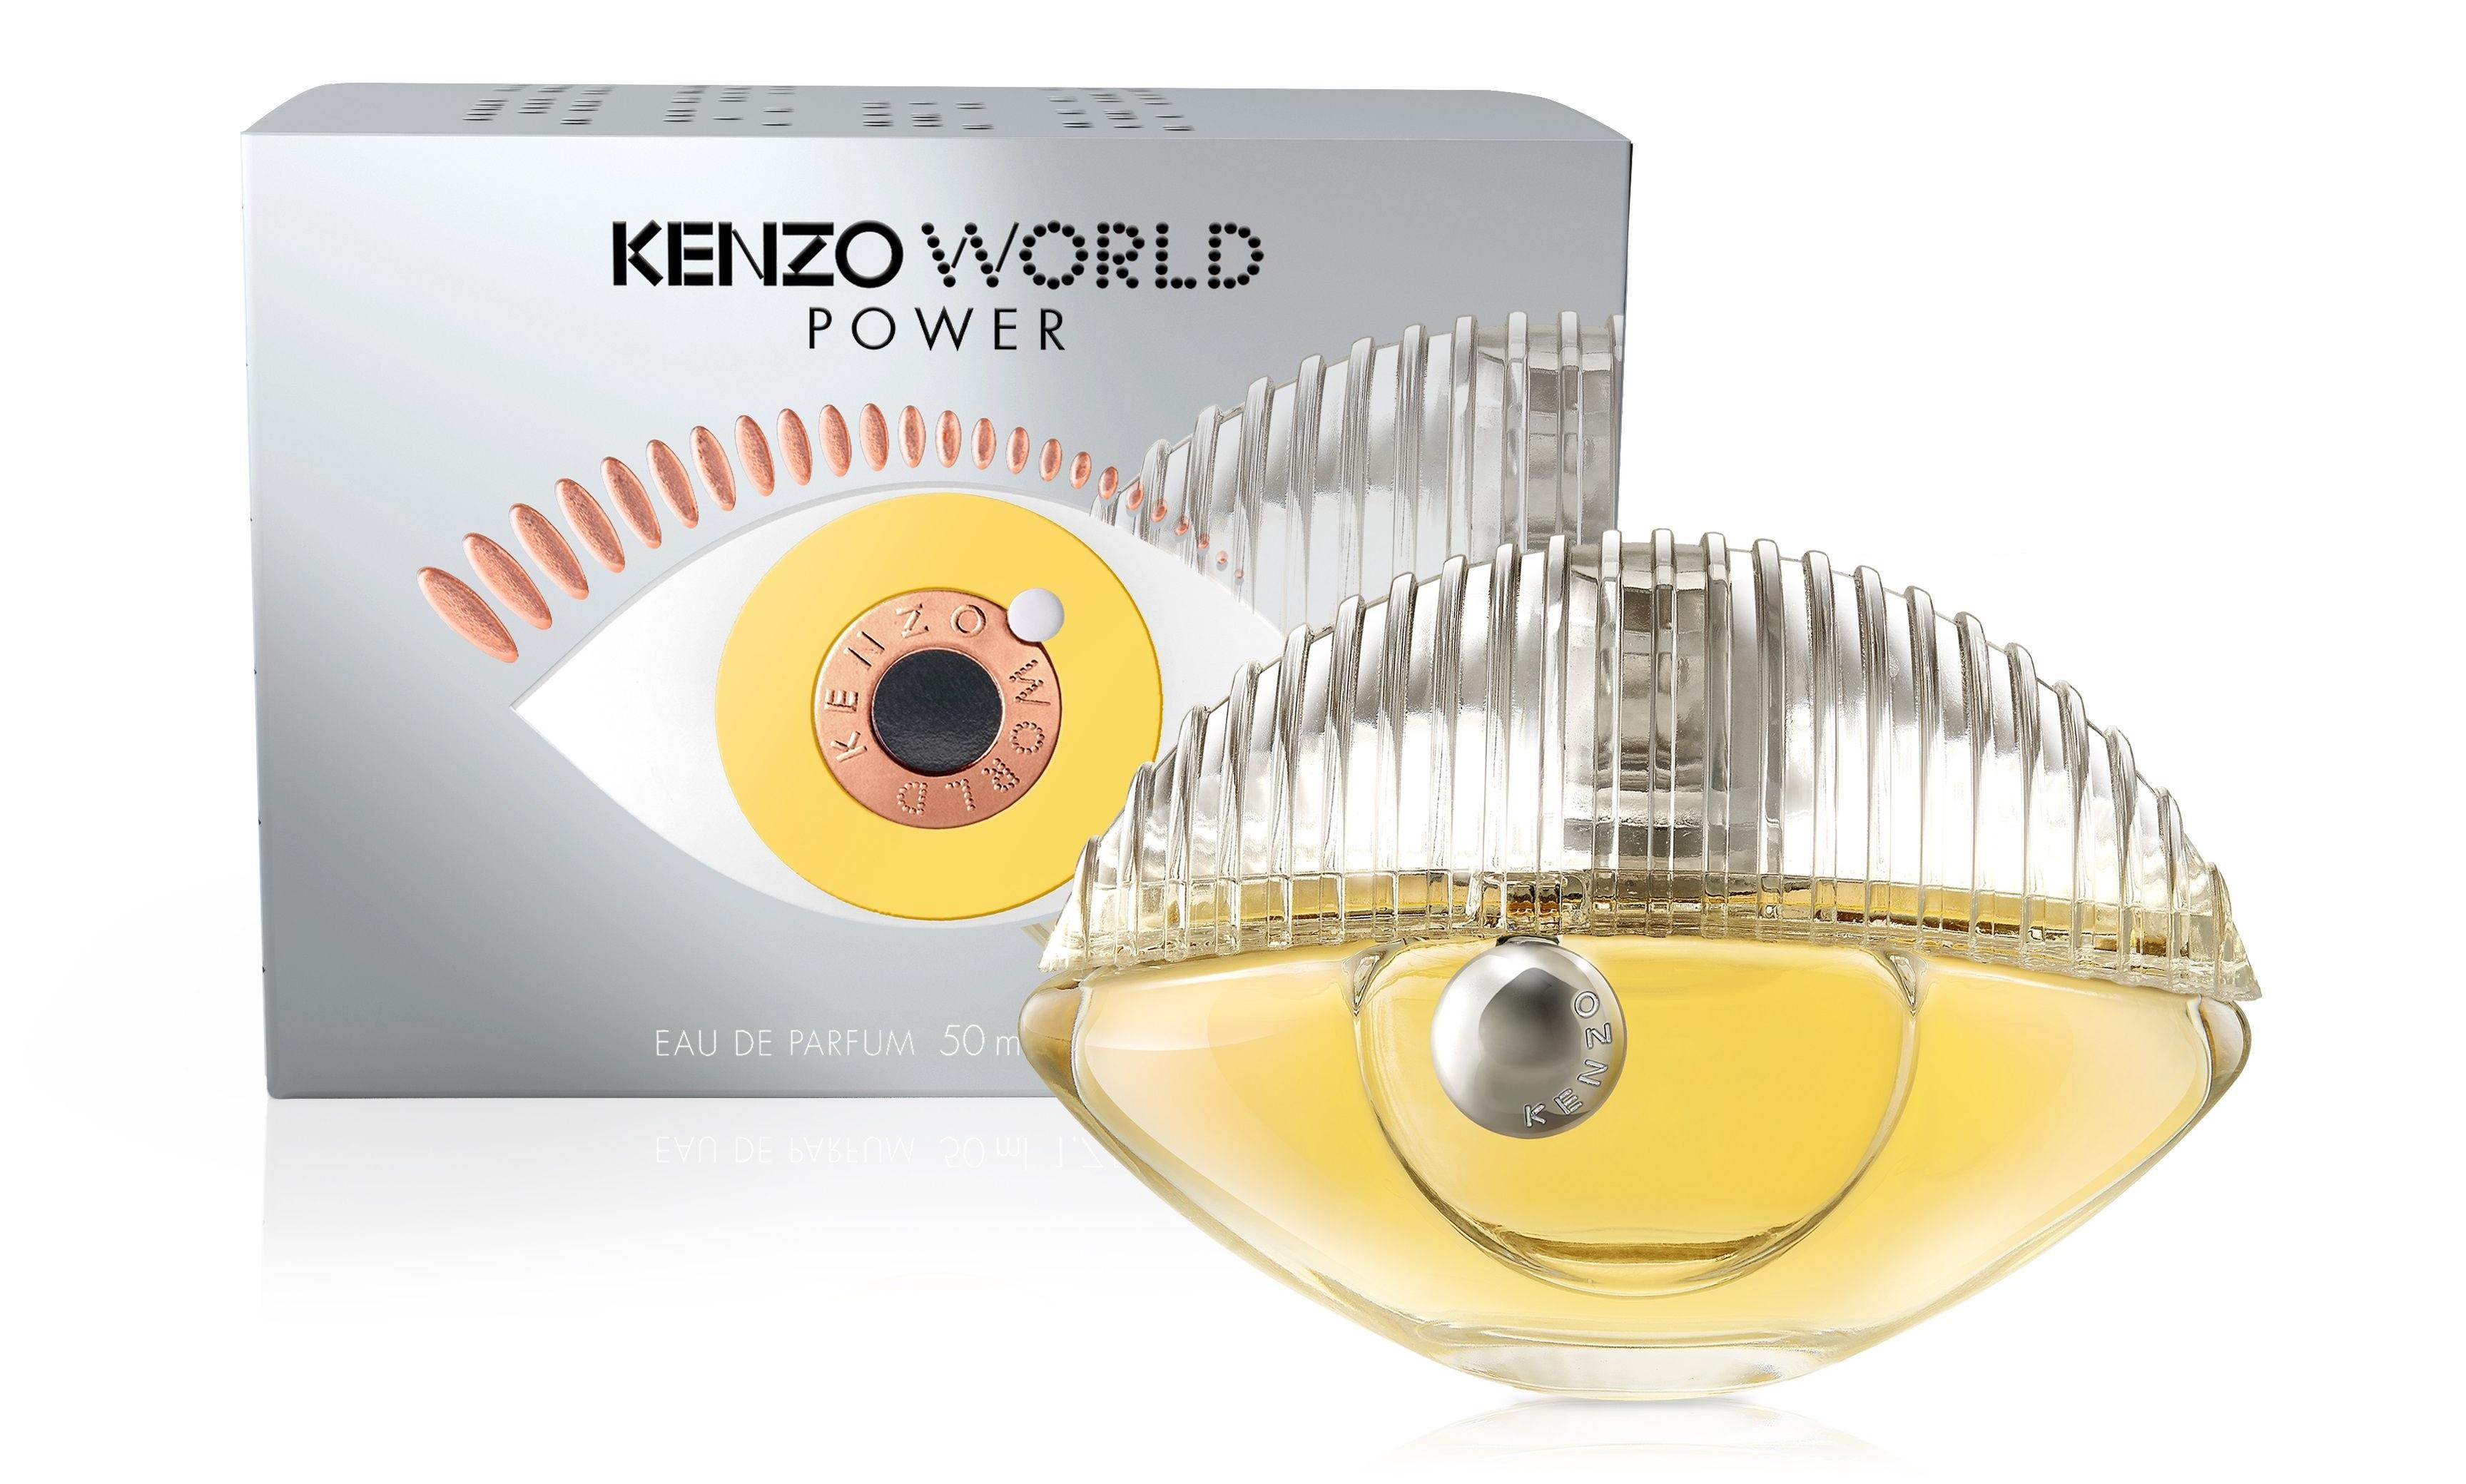 Nicolai Kenzo World Power